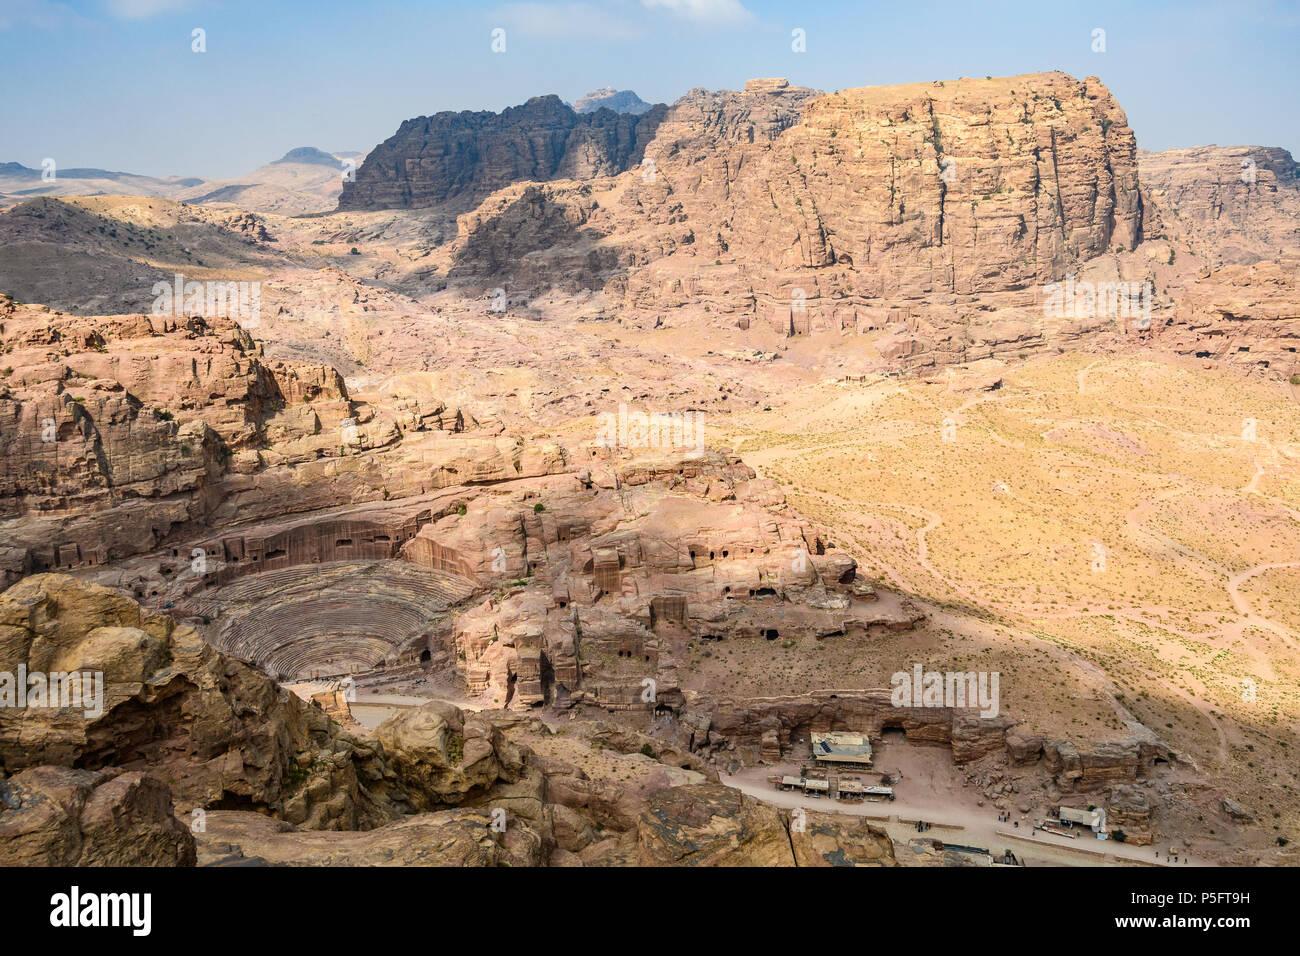 Vue panoramique sur les tombes et le théâtre romain dans la cité perdue de Petra, Jordanie Photo Stock